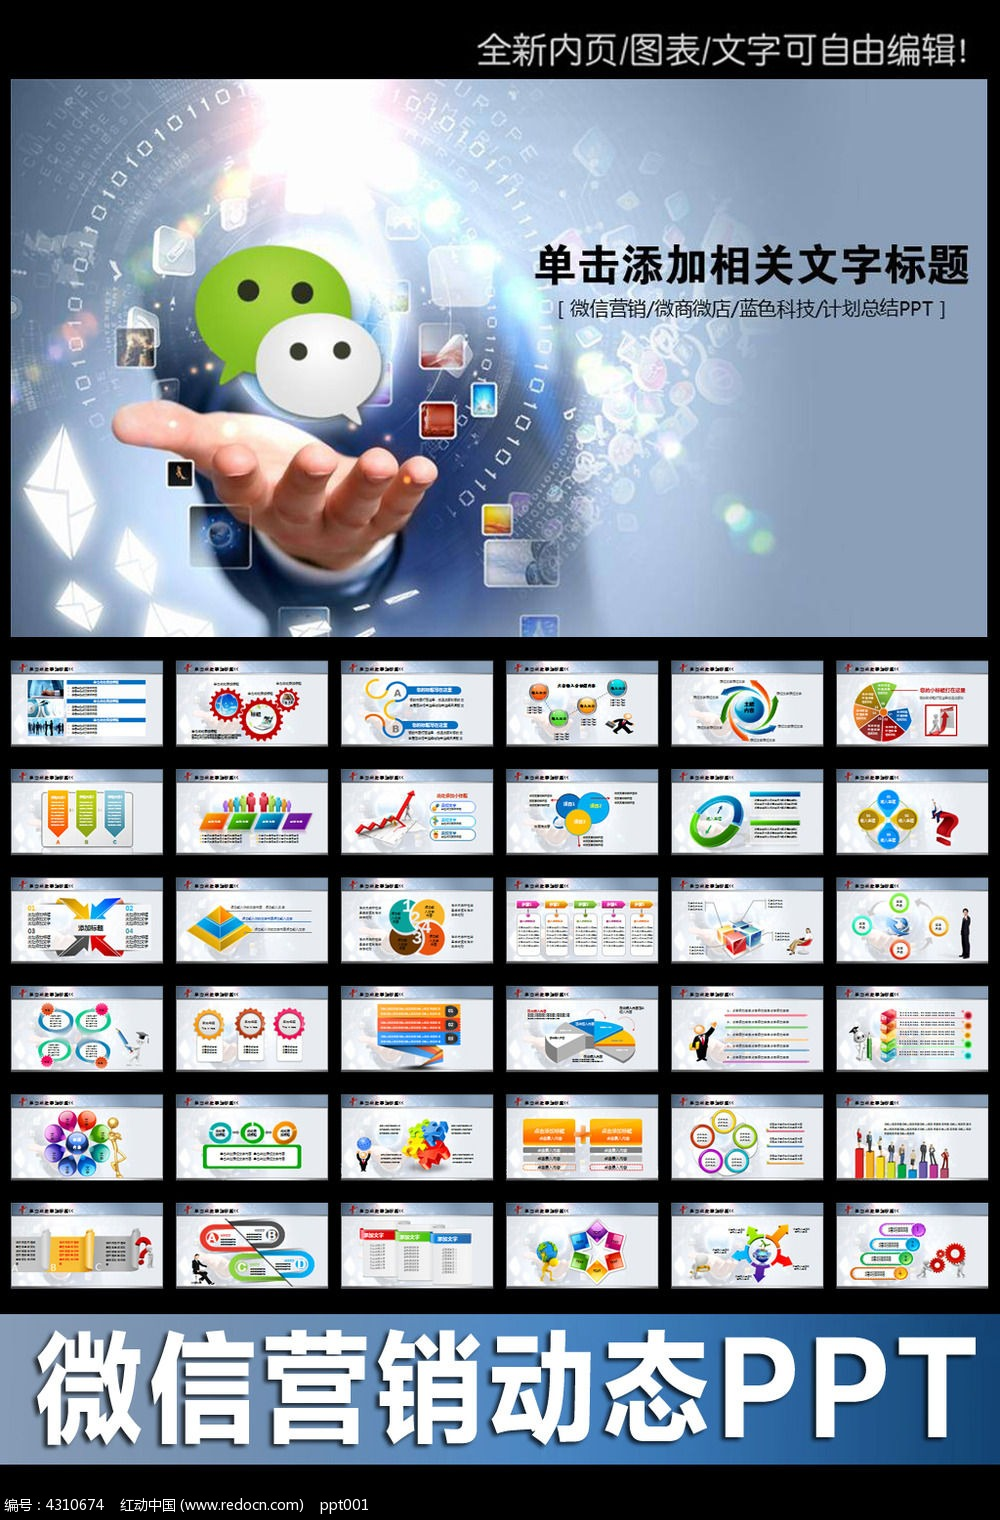 微信营销介绍ppt模板